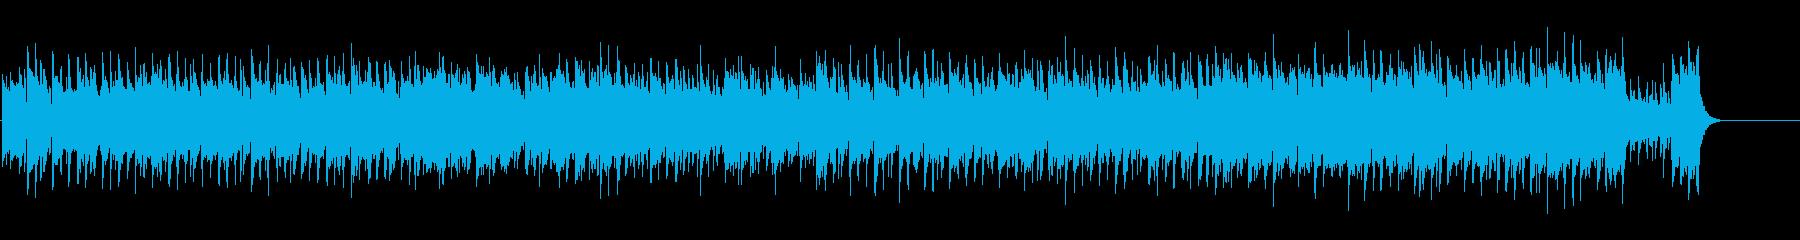 陽気な大江戸人情風ジャパネスク・ロマンの再生済みの波形